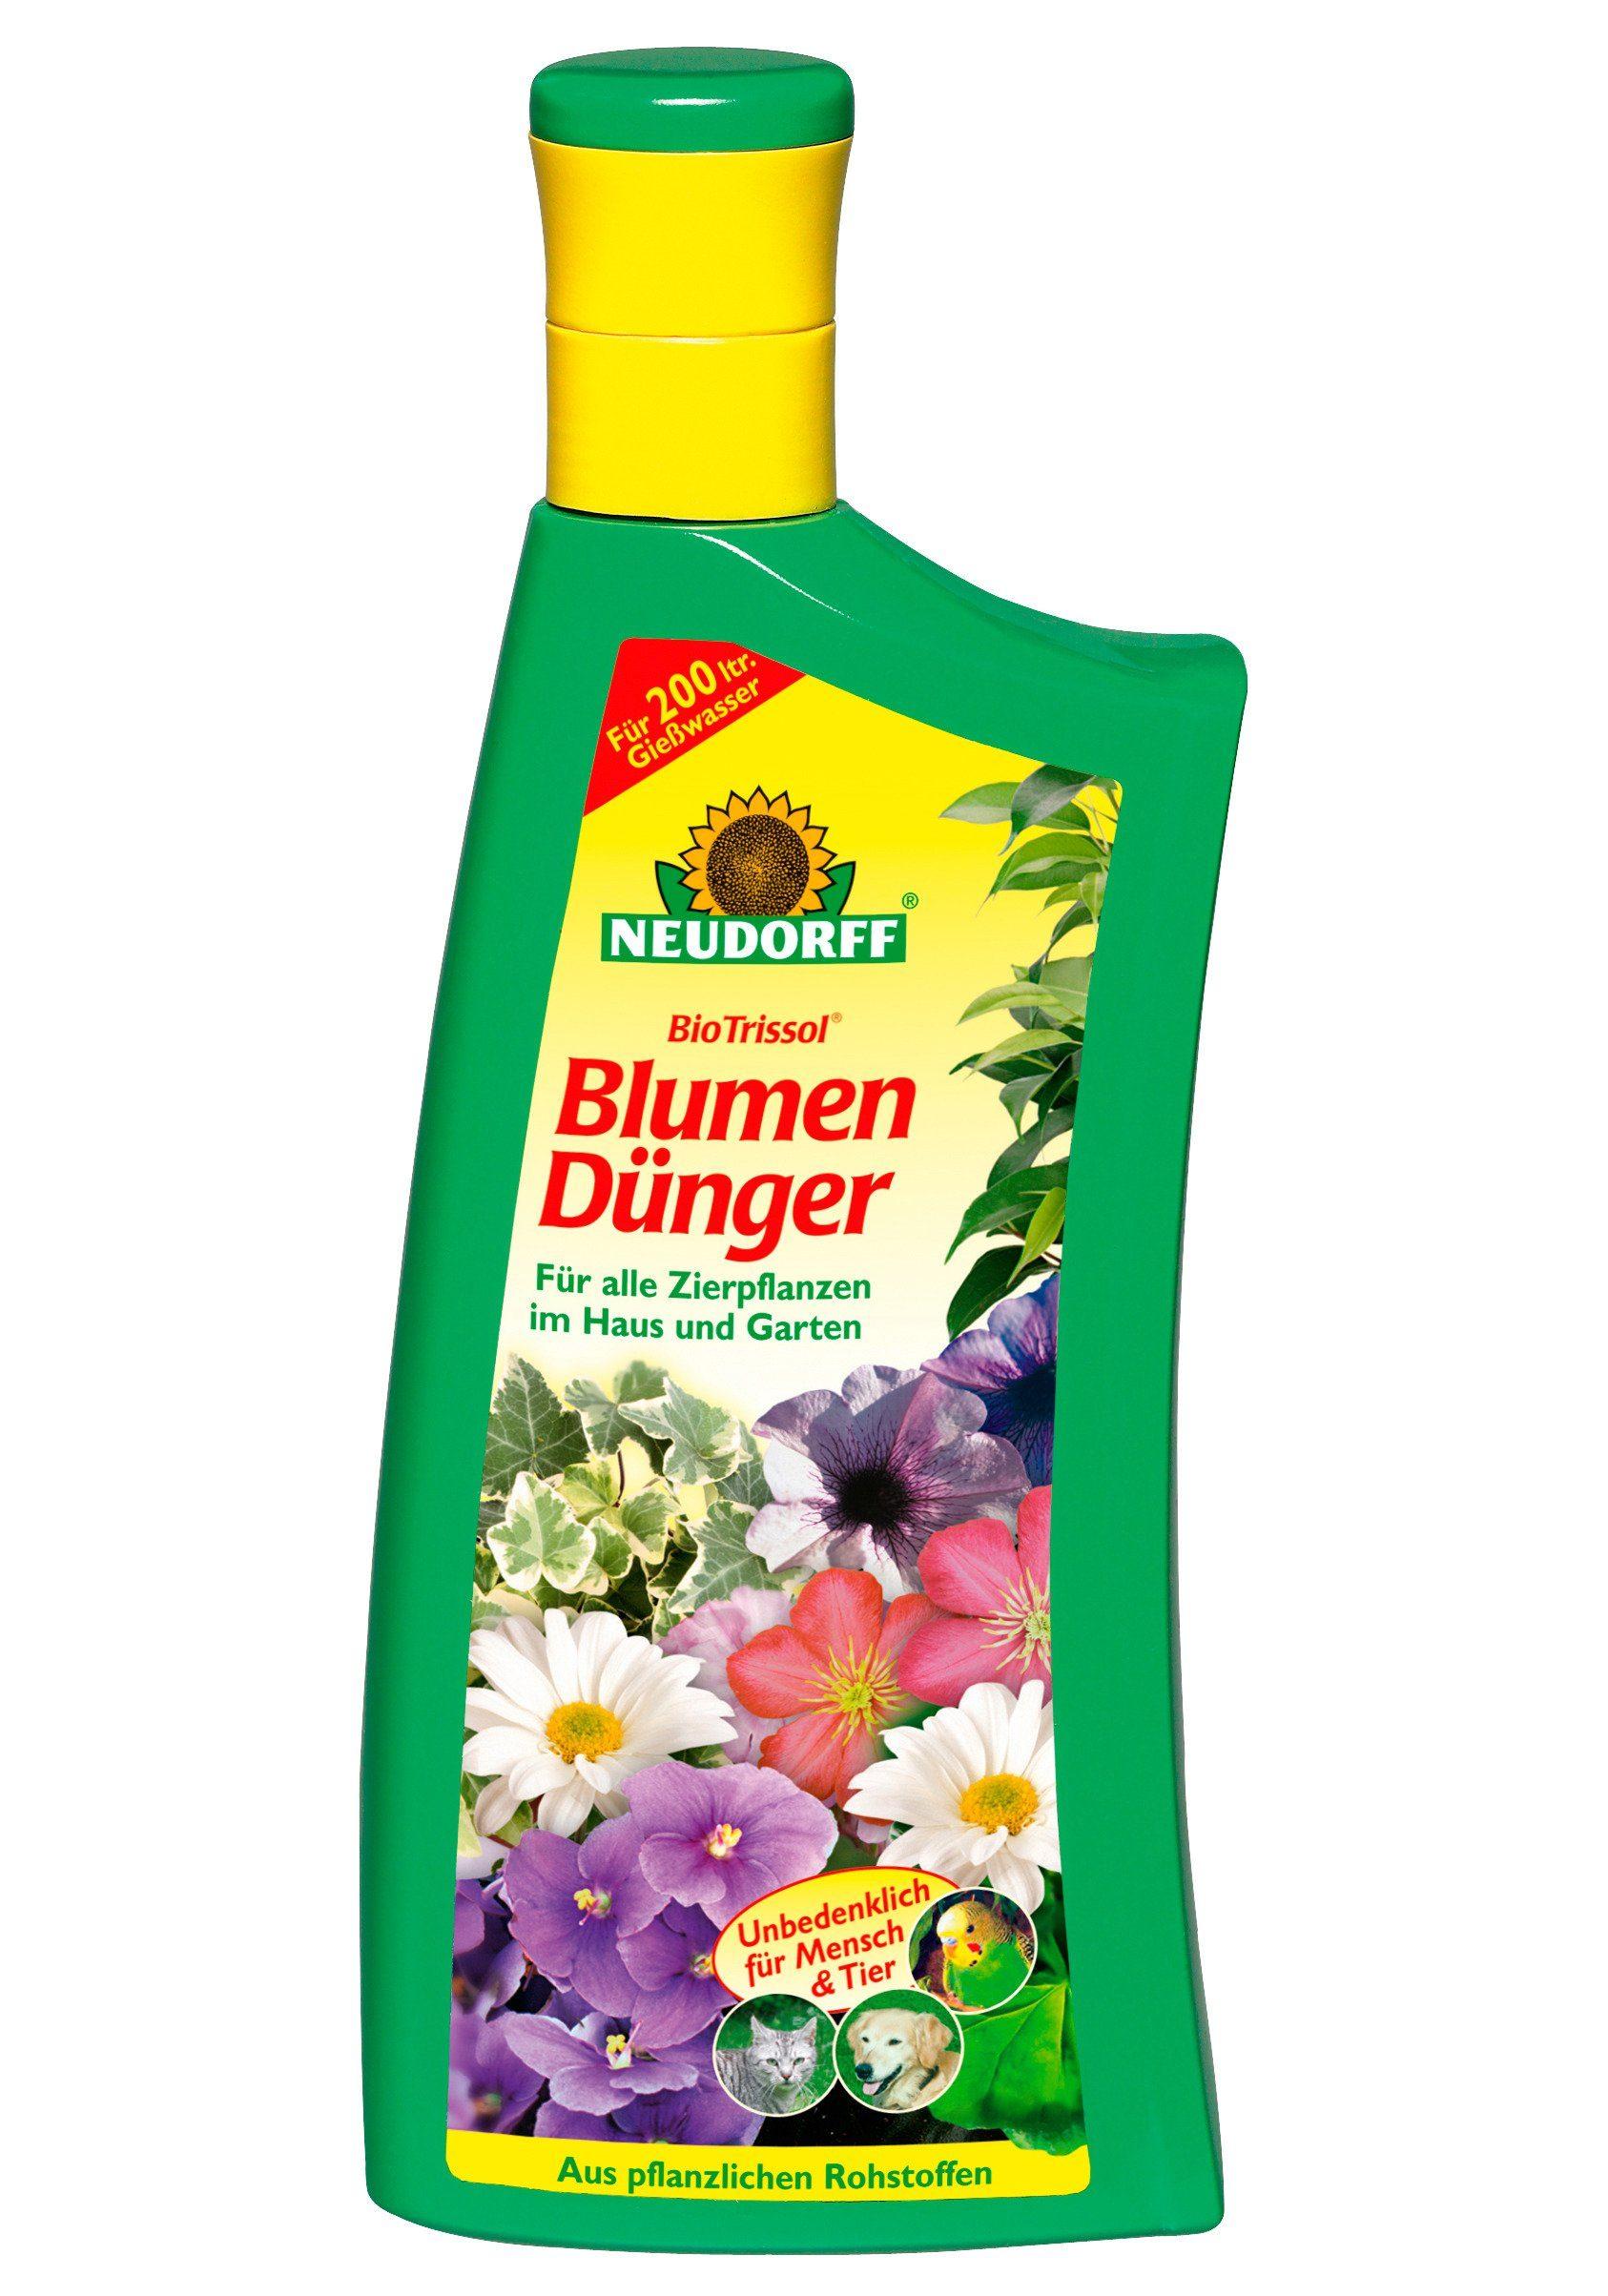 BioTrissol Blumen Dünger